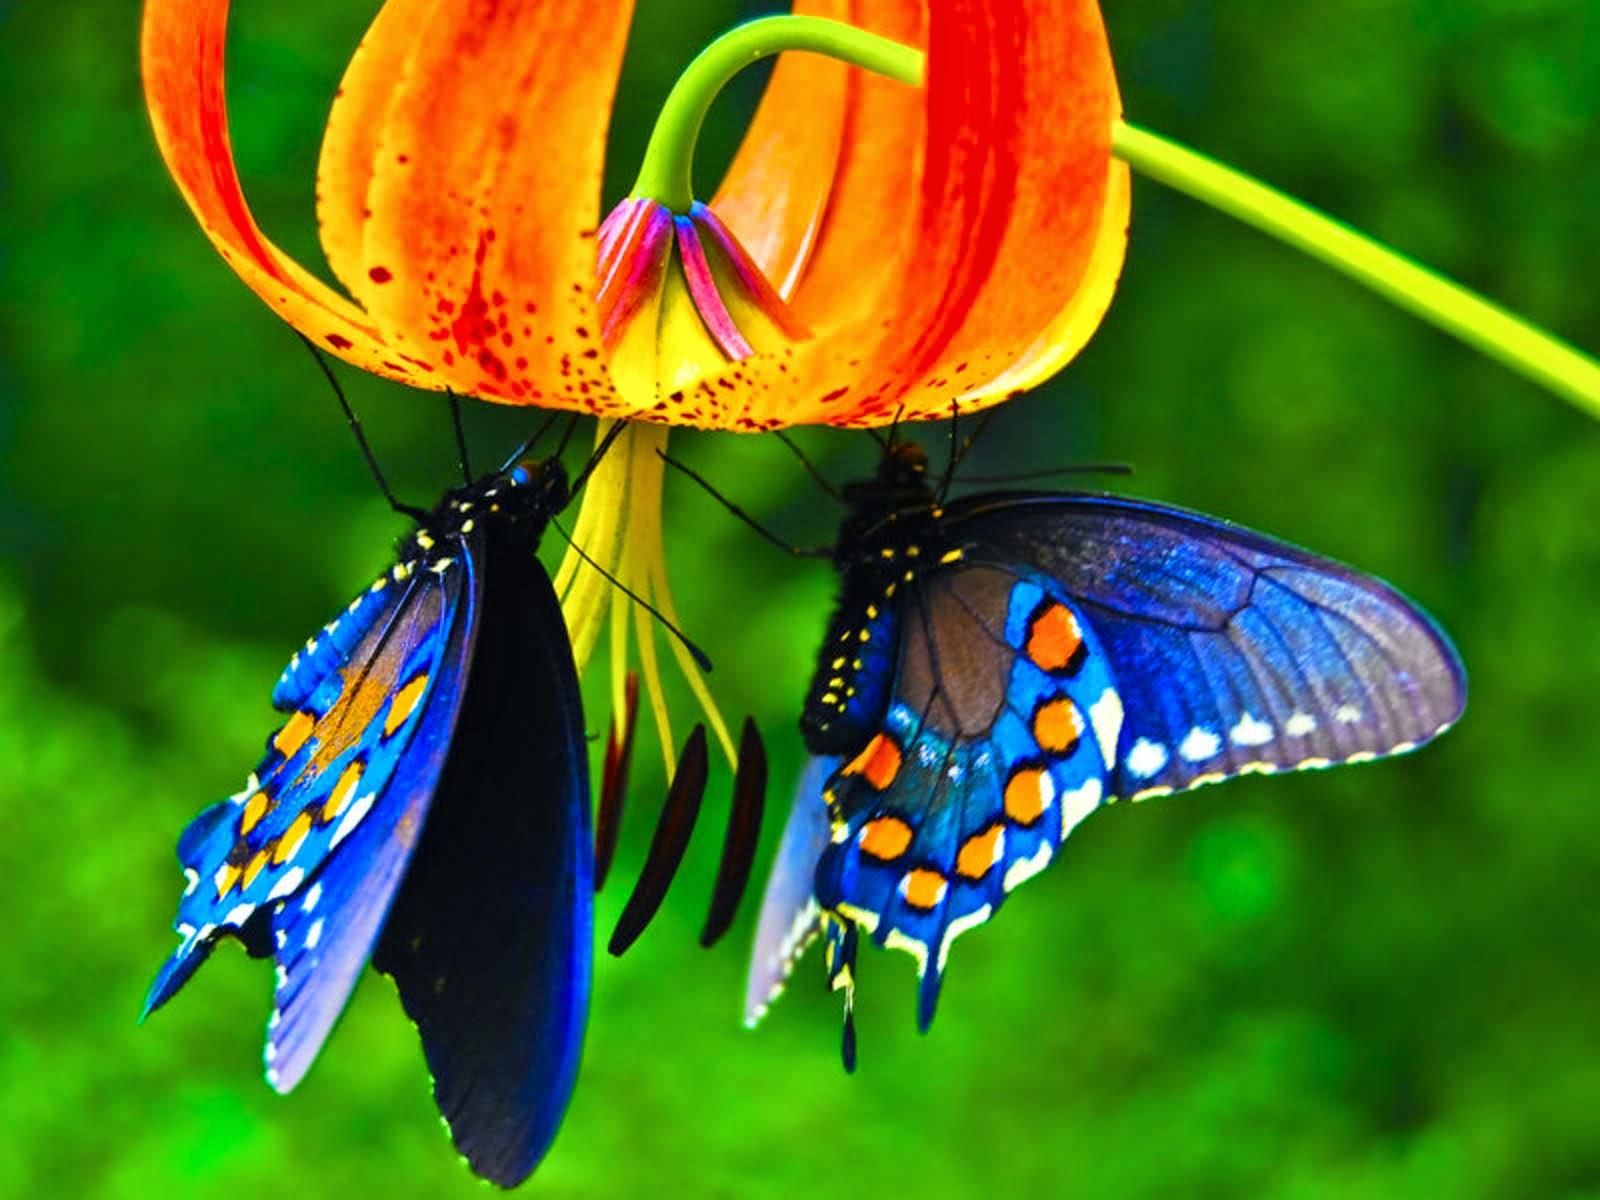 Hình ảnh bướm đẹp (18+)